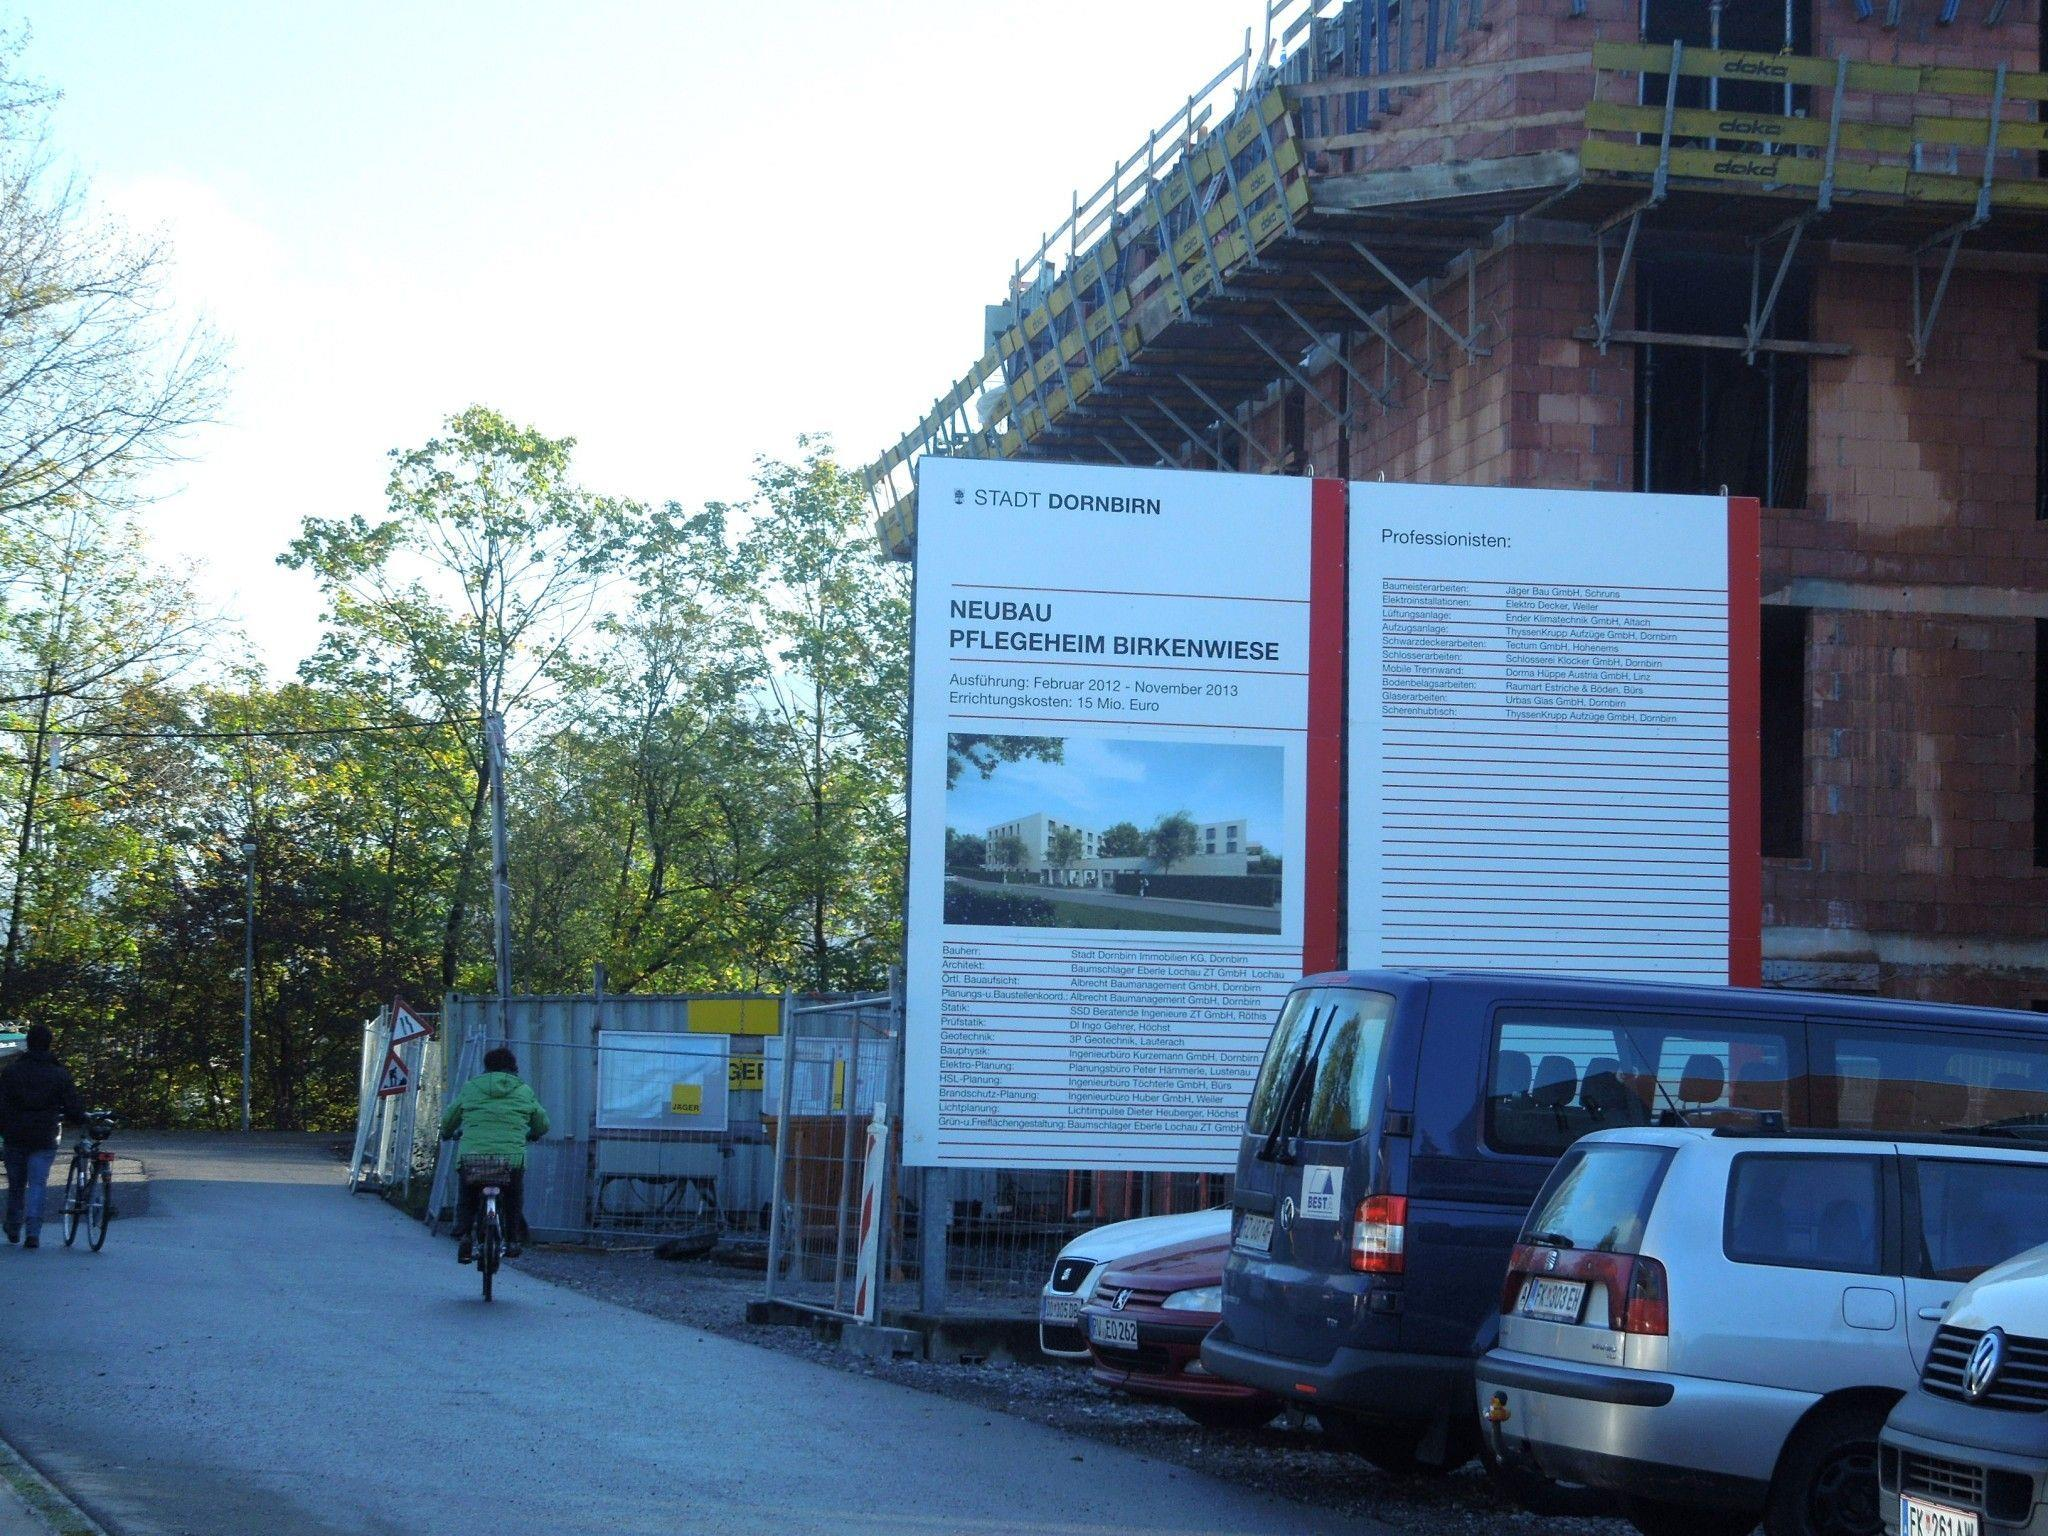 Alexander Götze kann nicht verstehen, dass auch ausländische Baufirmen beim Pflegeheimneubau tätig sind.